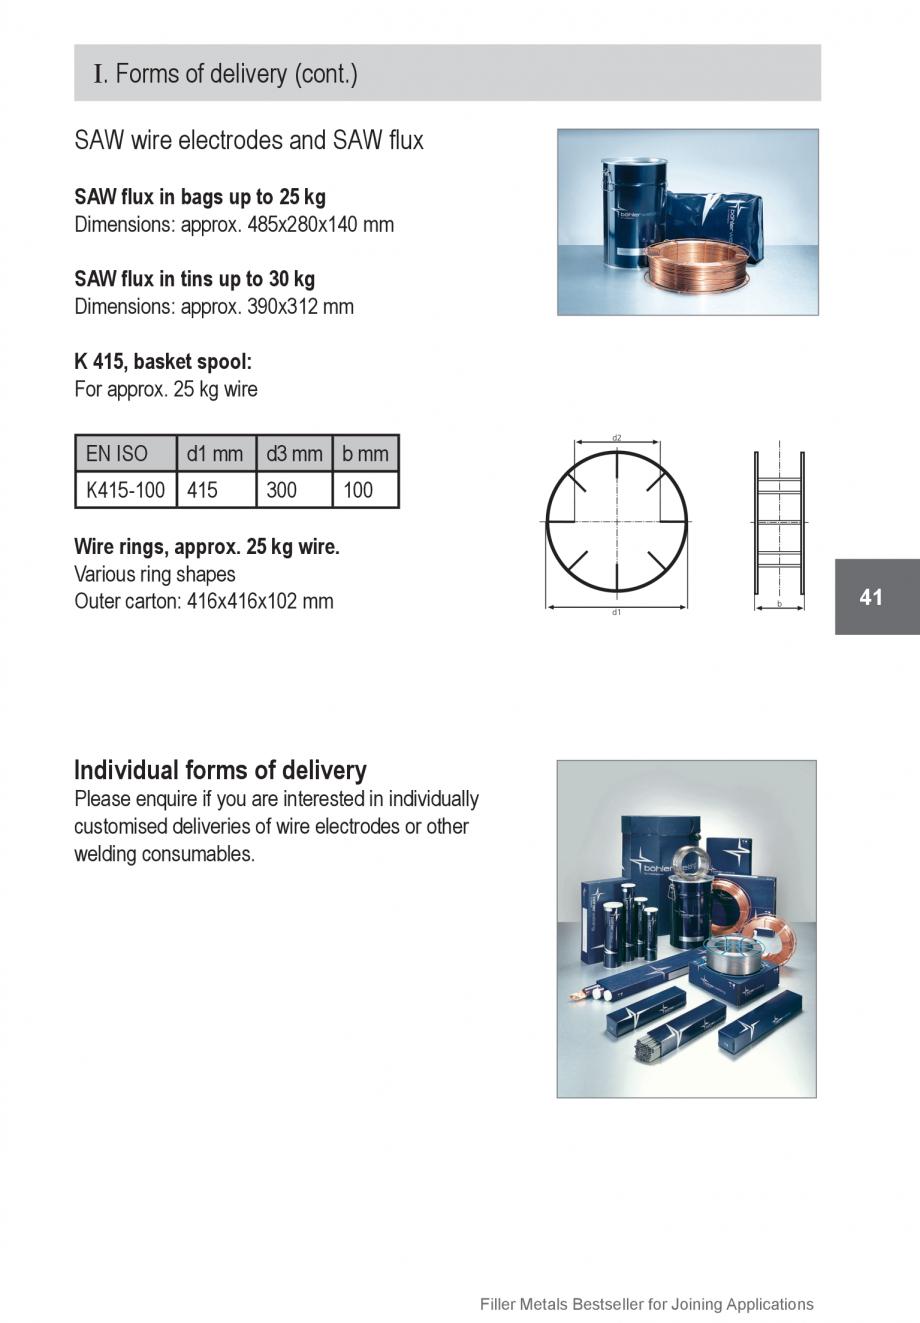 Pagina 41 - Solutii complete (materiale de adaos) pentru orice tip de aplicatie in sudare TEHNIC GAZ...